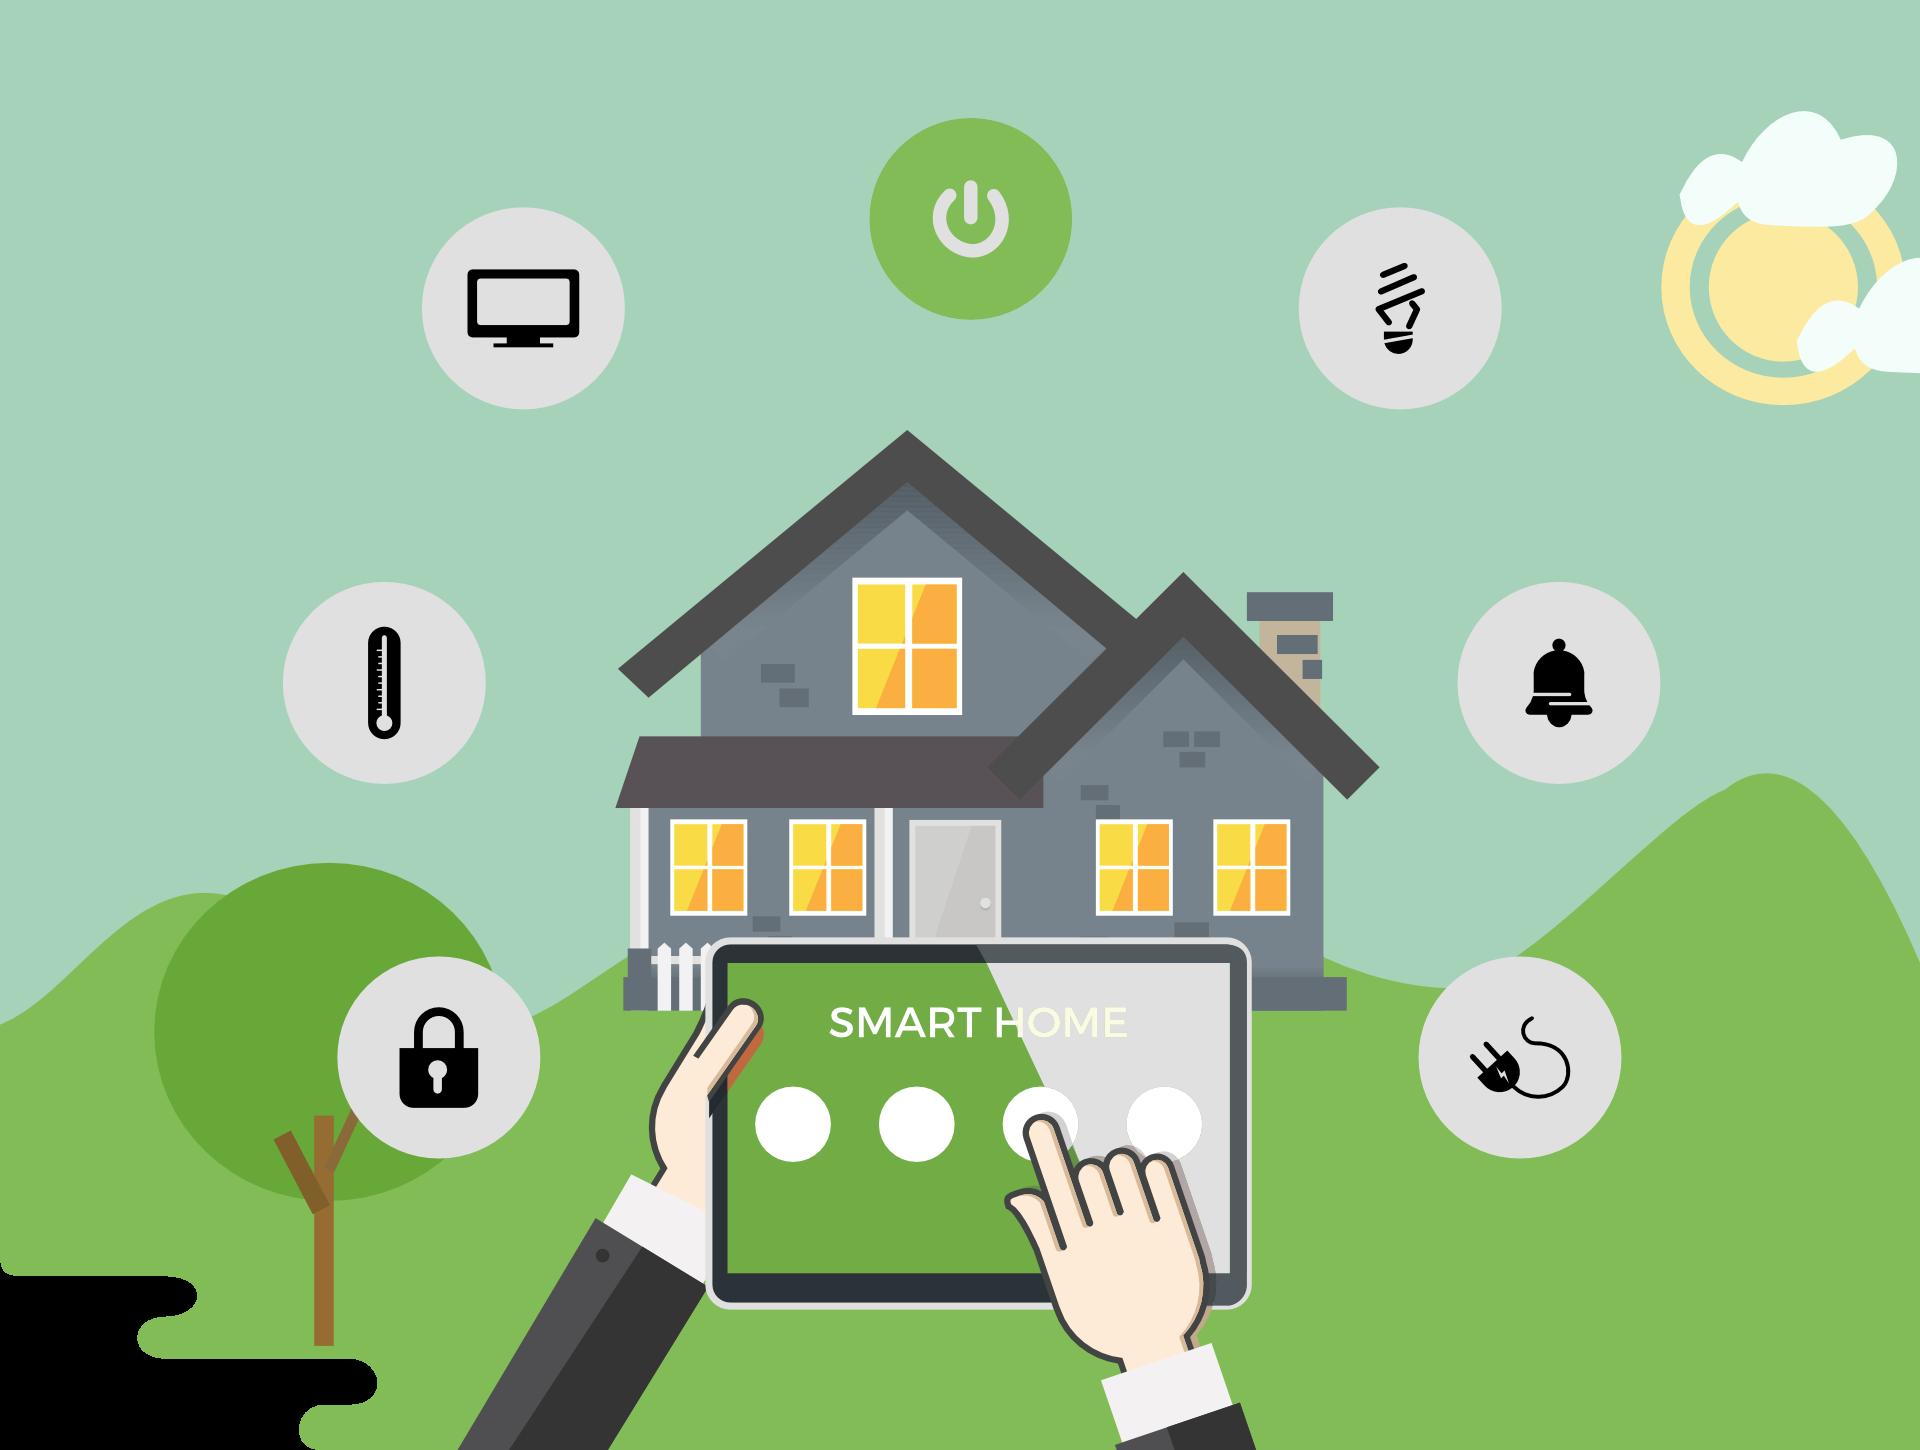 elians_smart_home_3